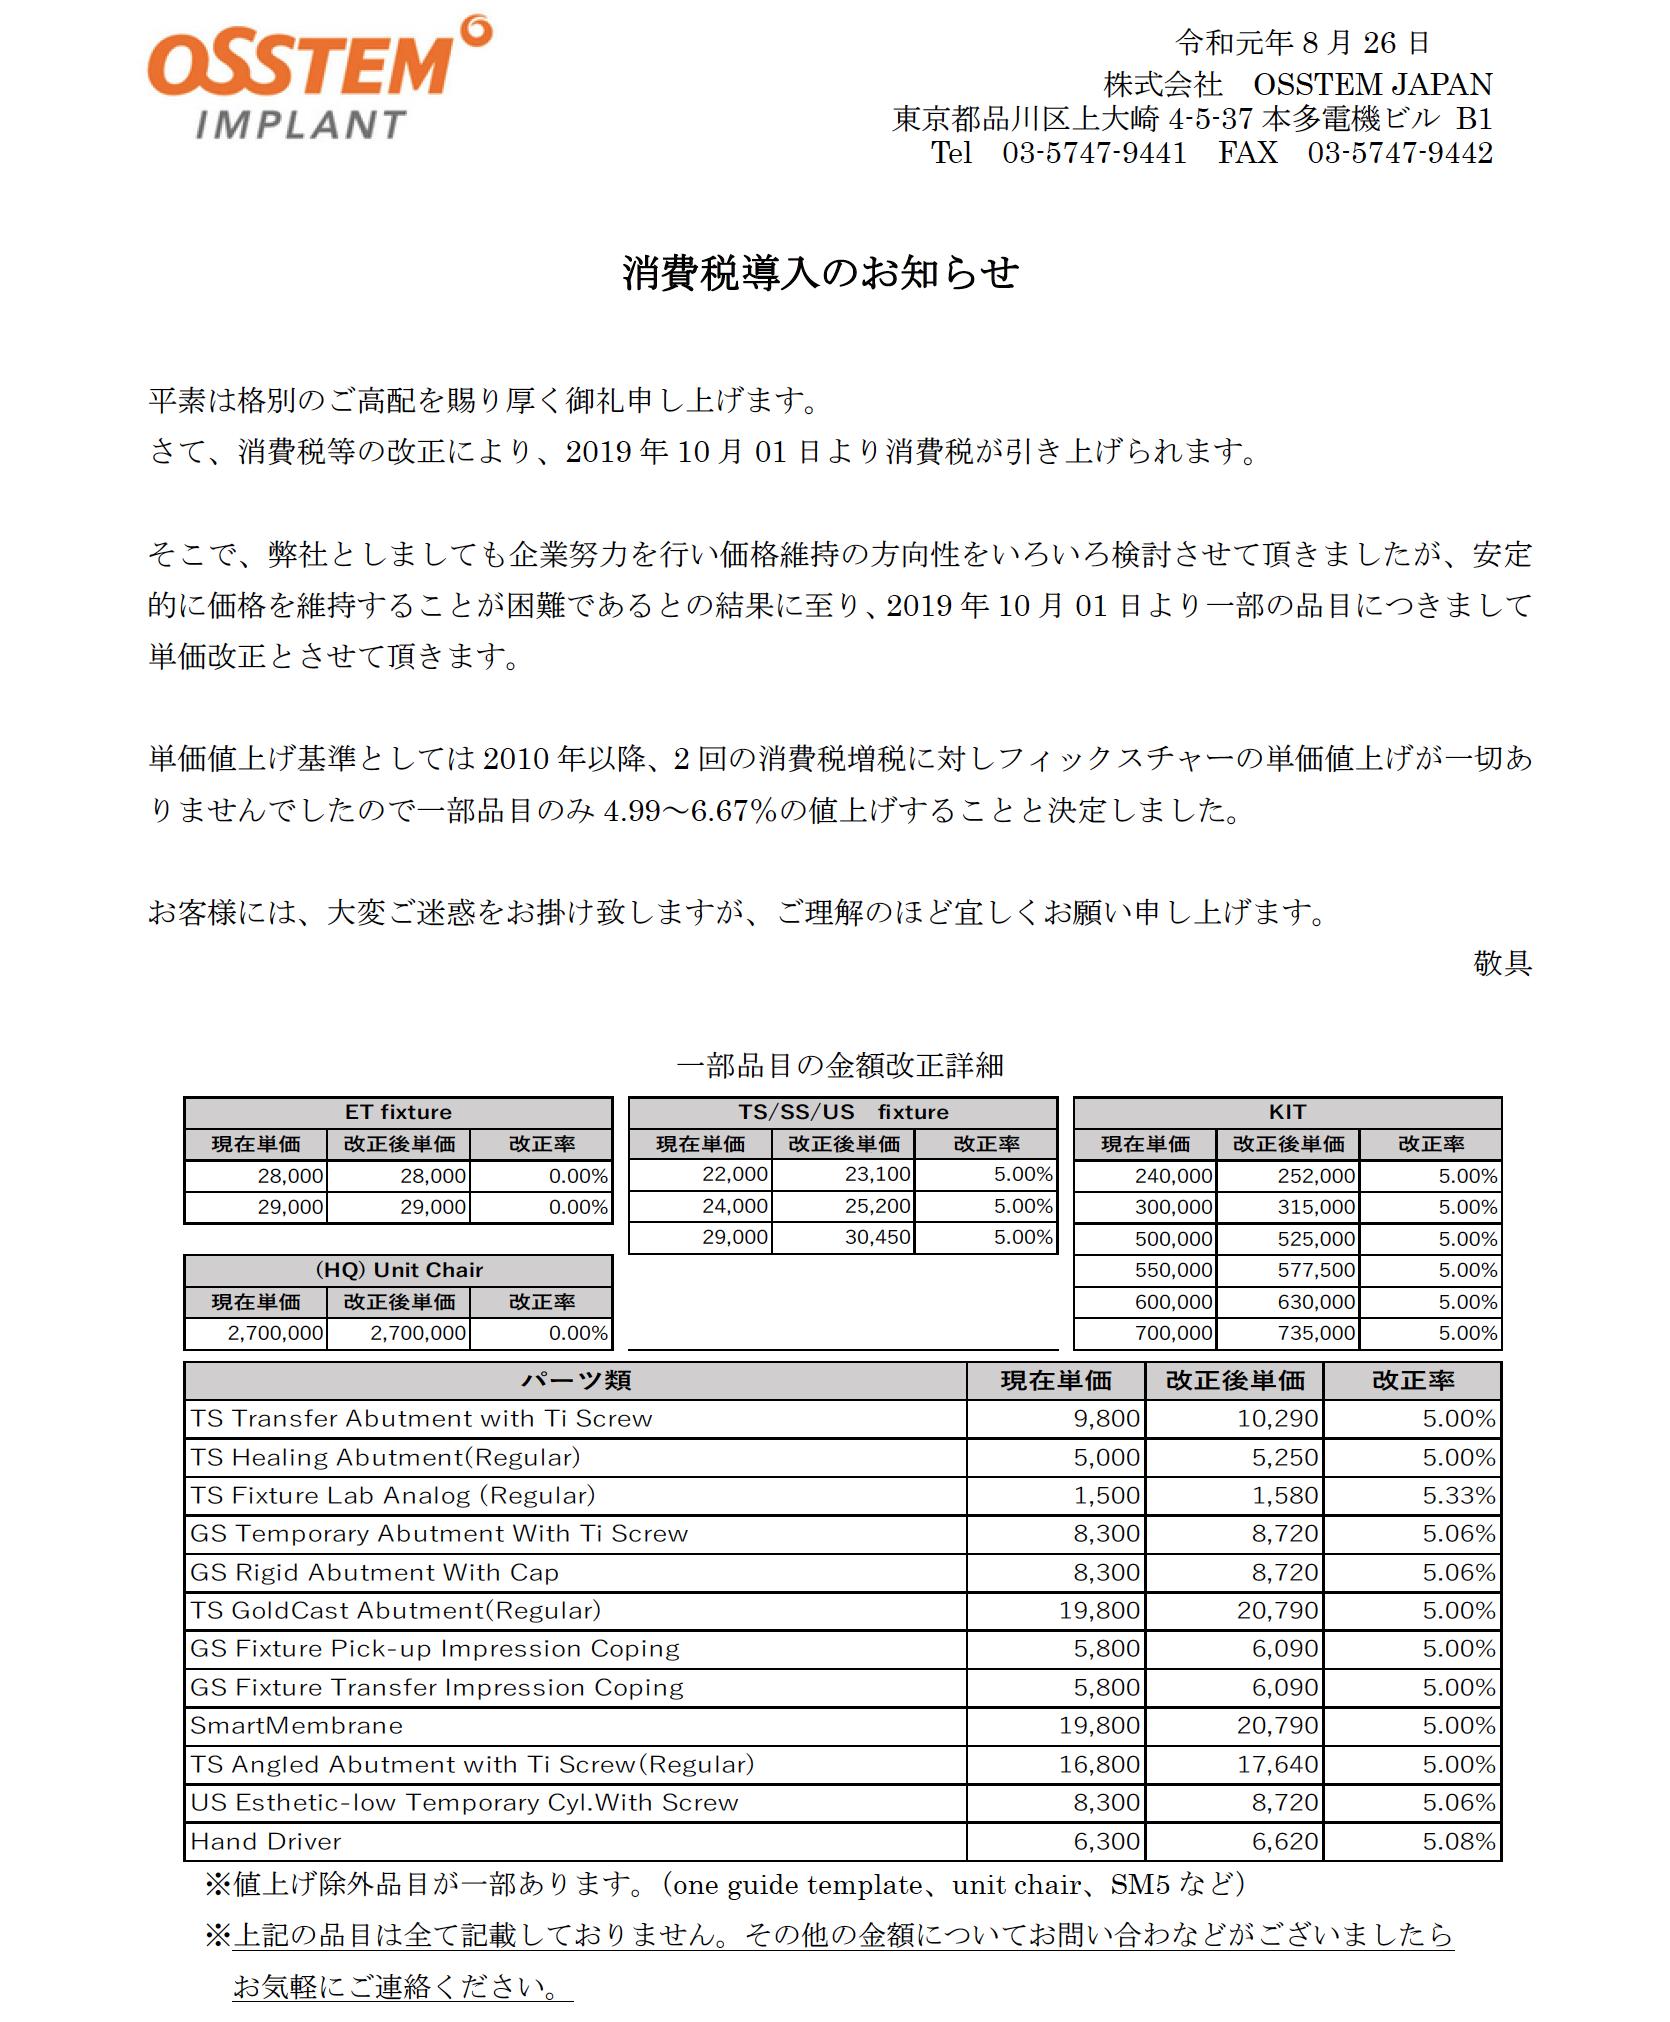 消費税.png